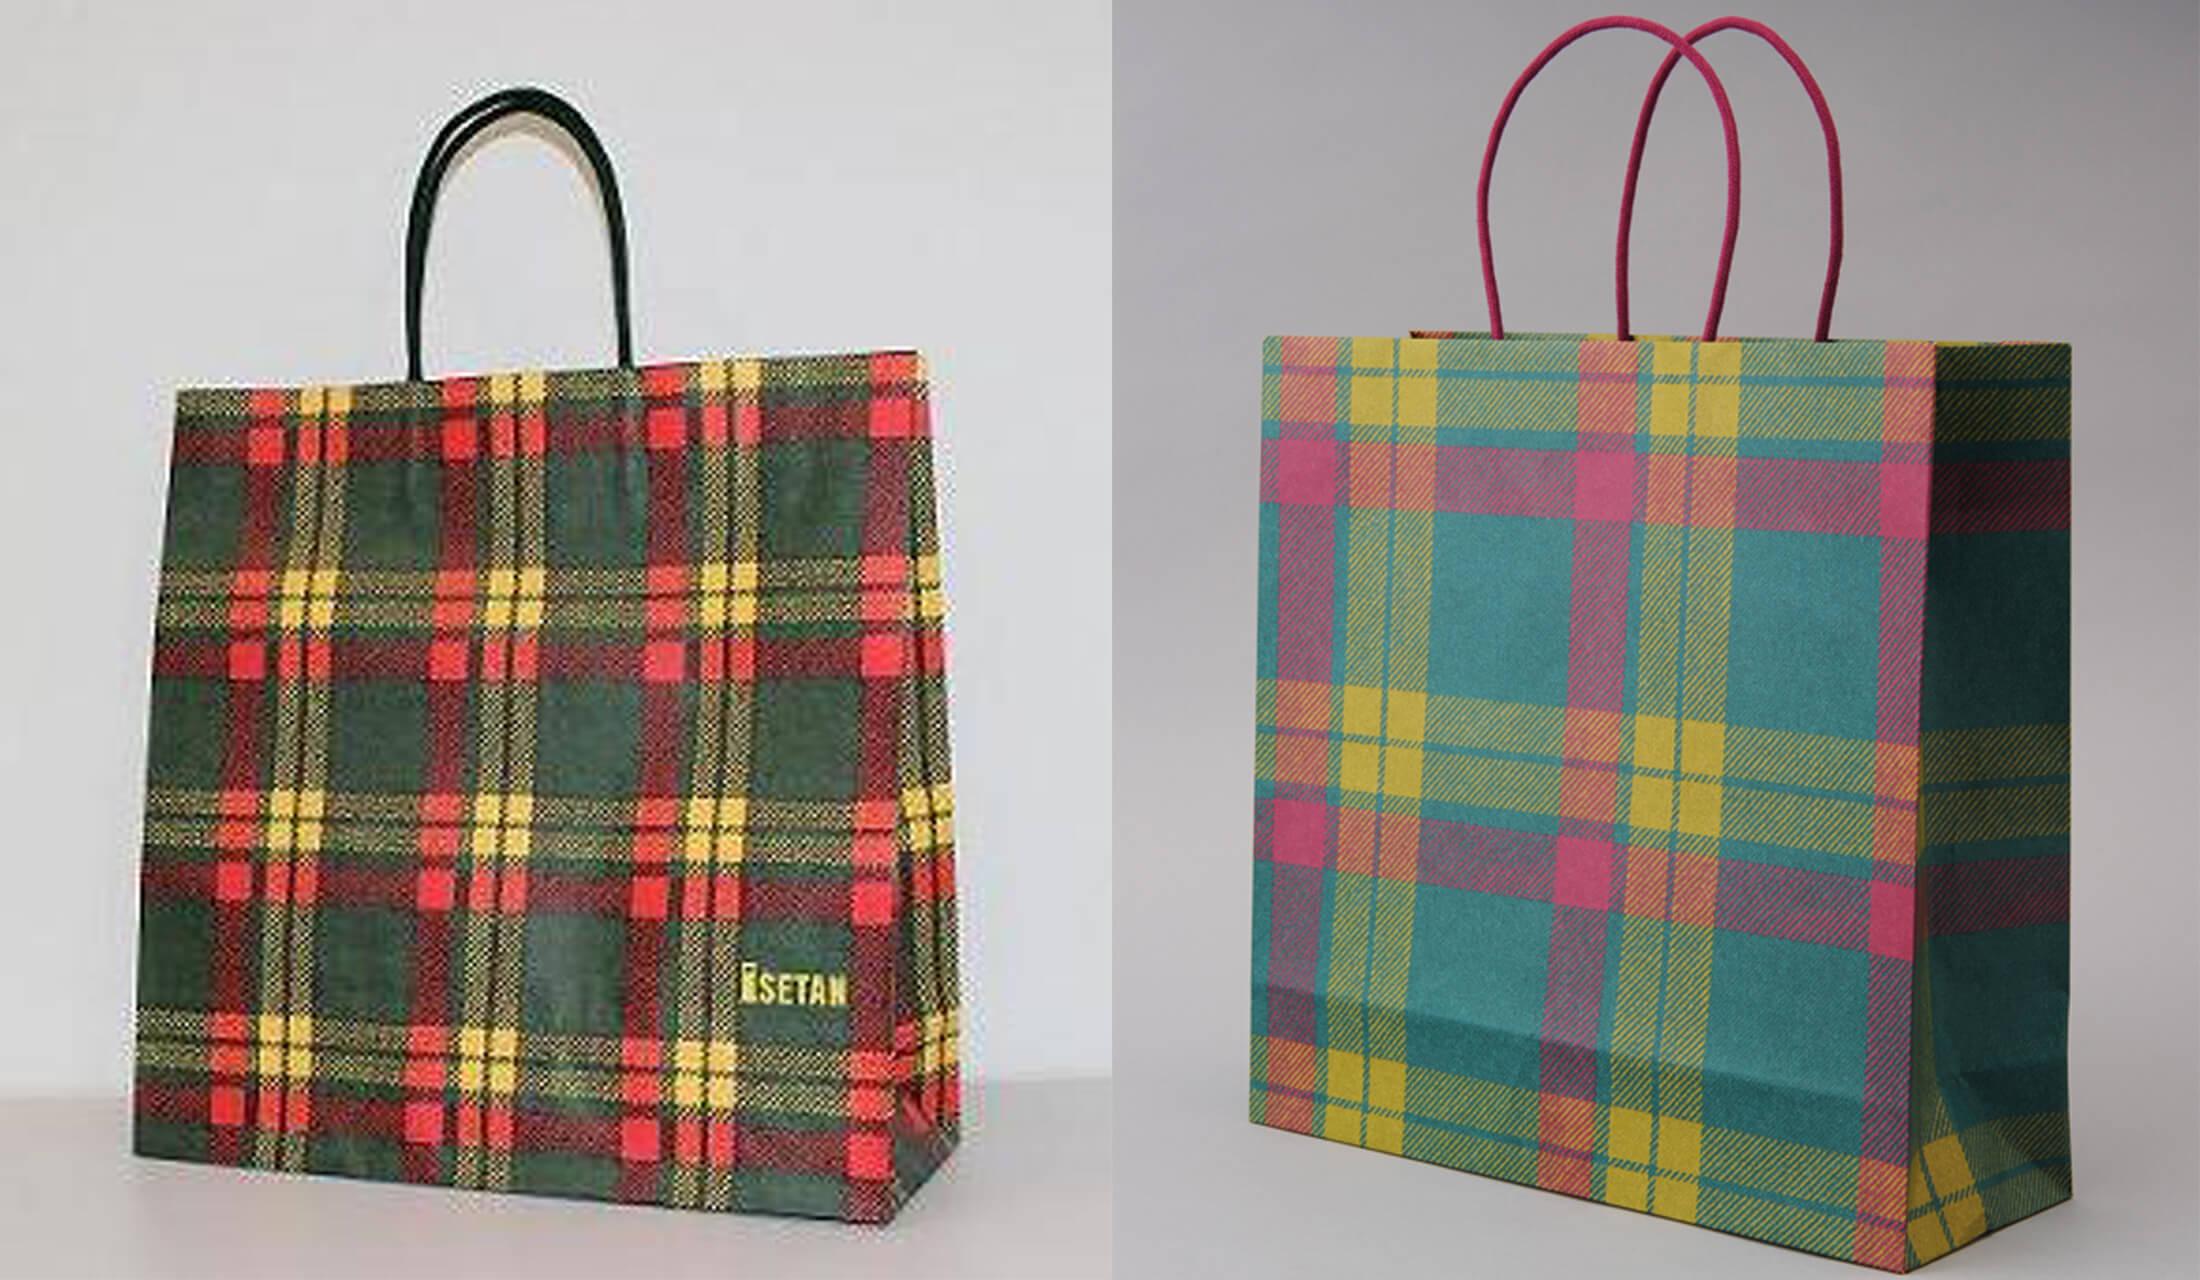 明るい緑地に濃いピンクと黄色の線が走る、伊勢丹タータンの「マクラミン/アンシェント」と新タータン柄「マクラミン/イセタン」の紙袋が並んだ画像